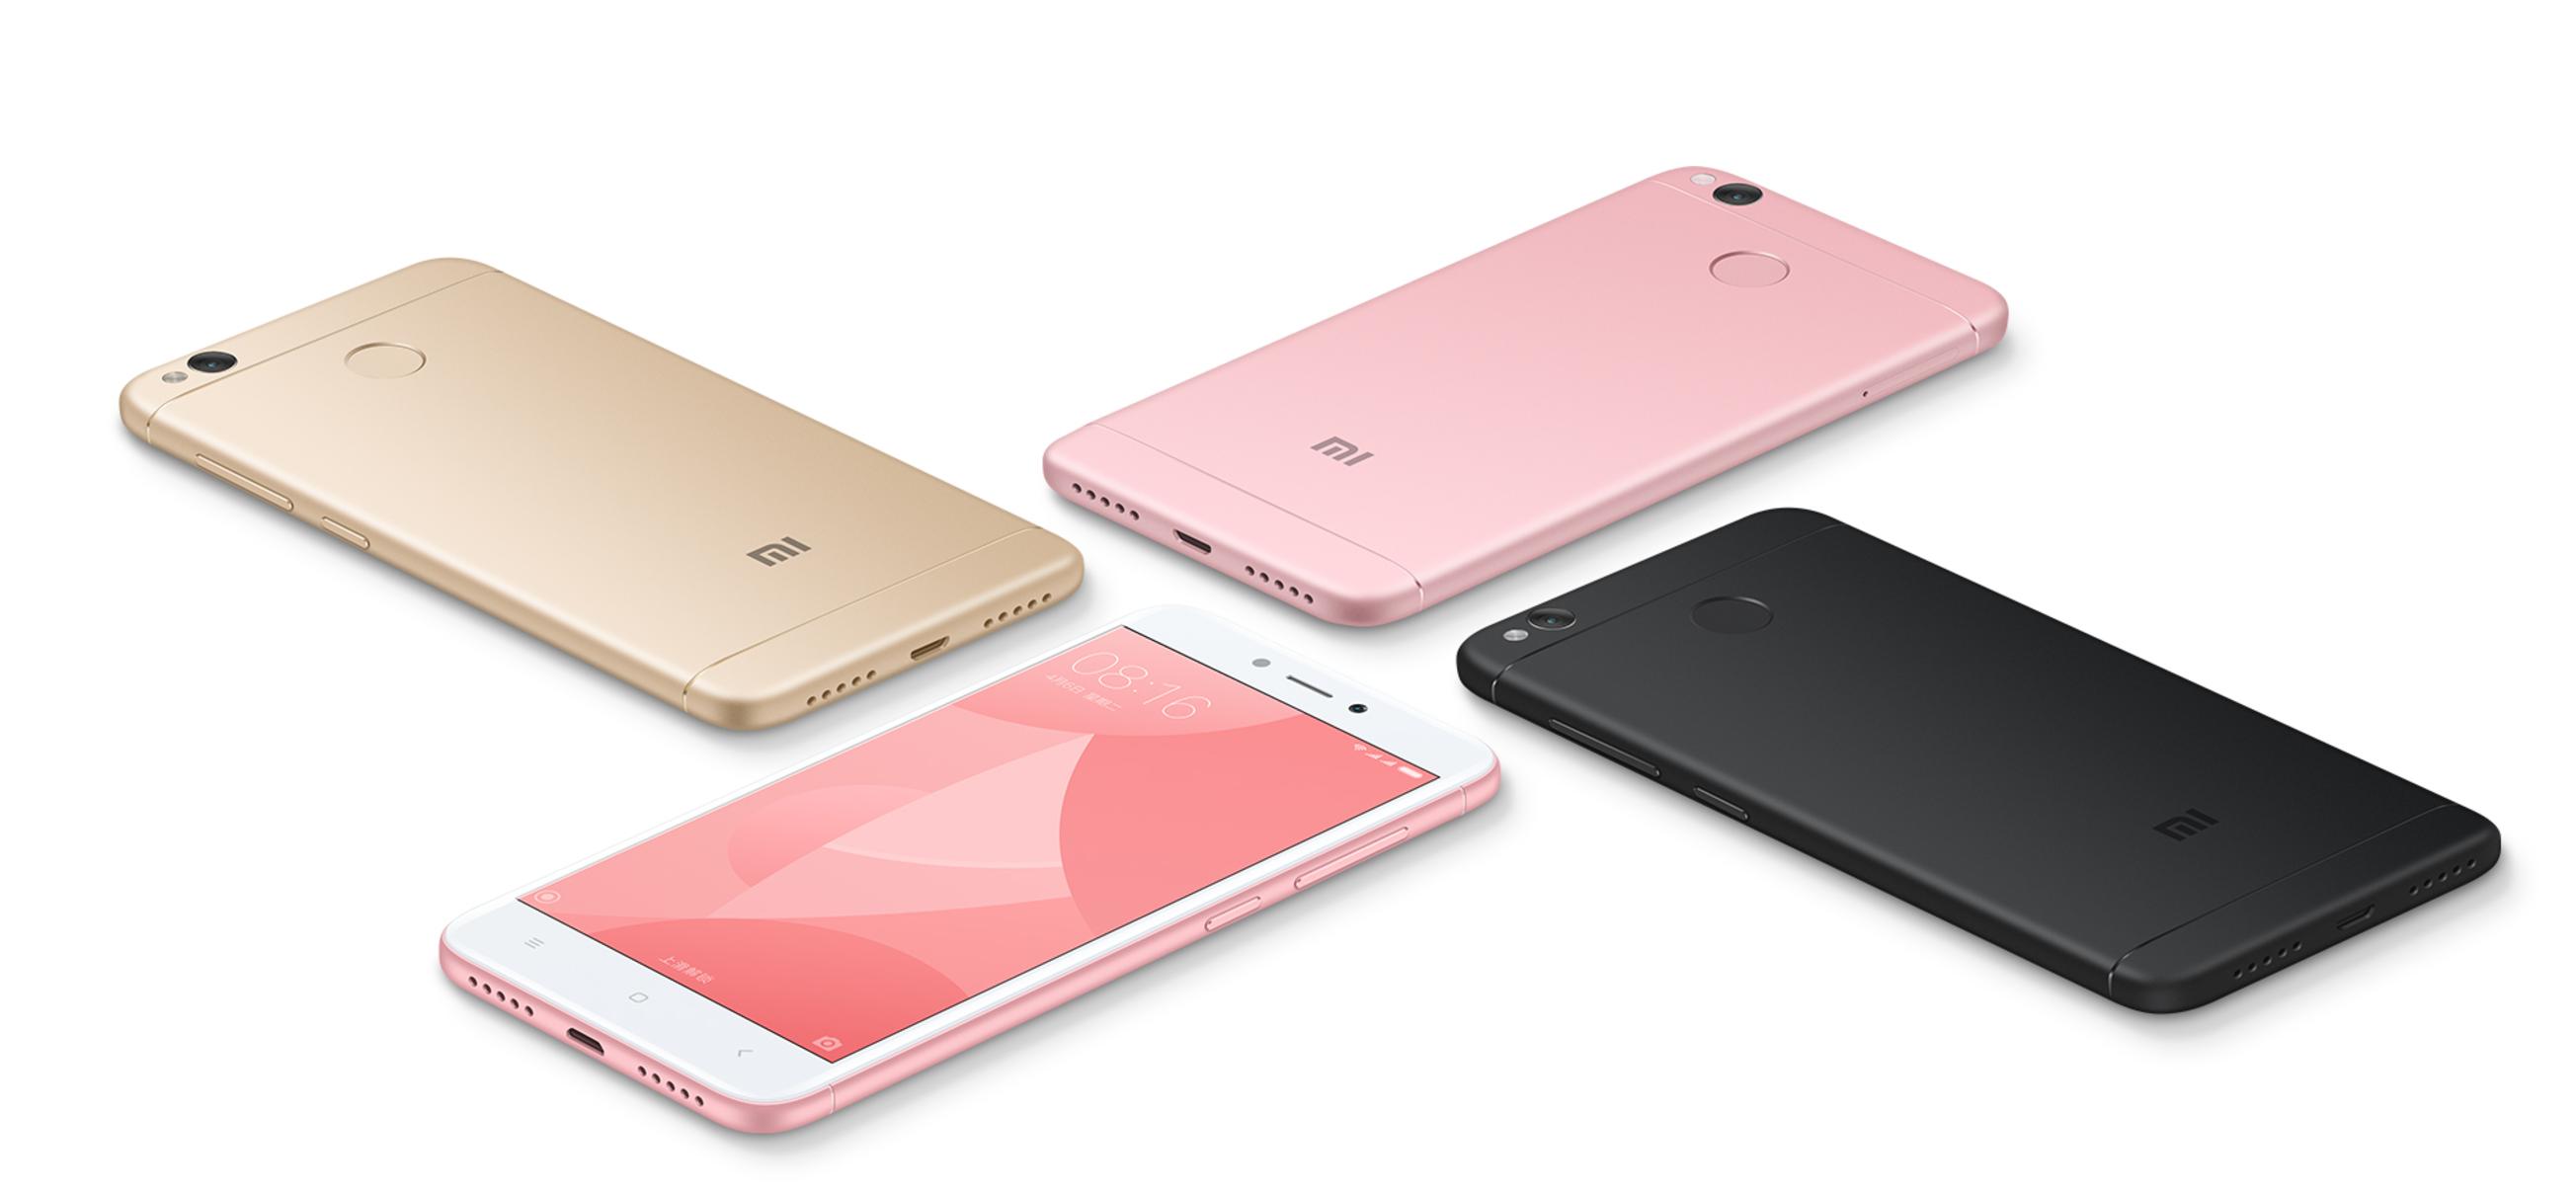 Новый вариант смартфона Xiaomi Redmi 4X с 4 ГБ ОЗУ и 64 ГБ флэш-памяти стоит $160